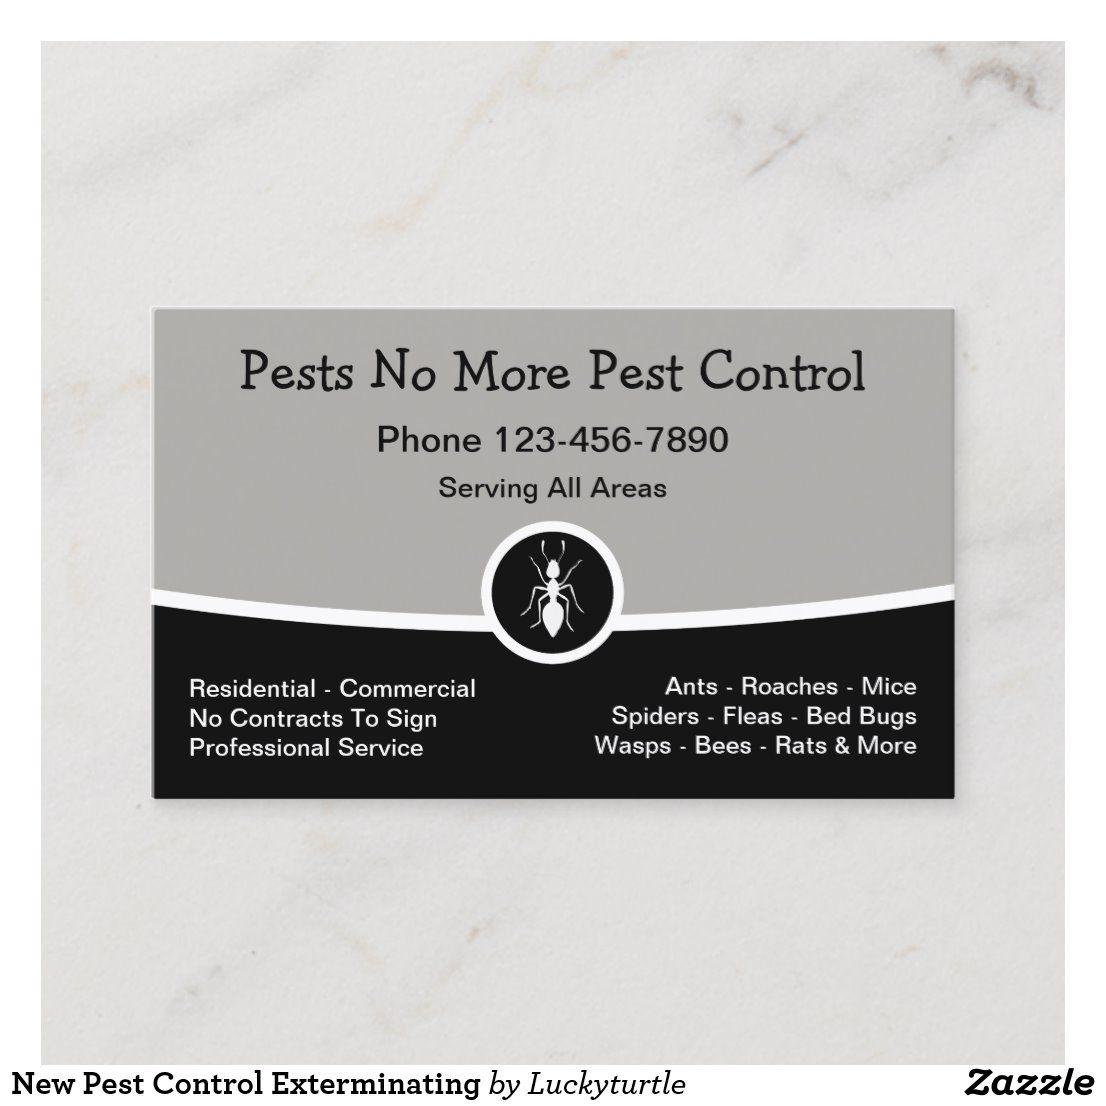 New Pest Control Exterminating Business Card Zazzle Com Pest Control Pests Cards